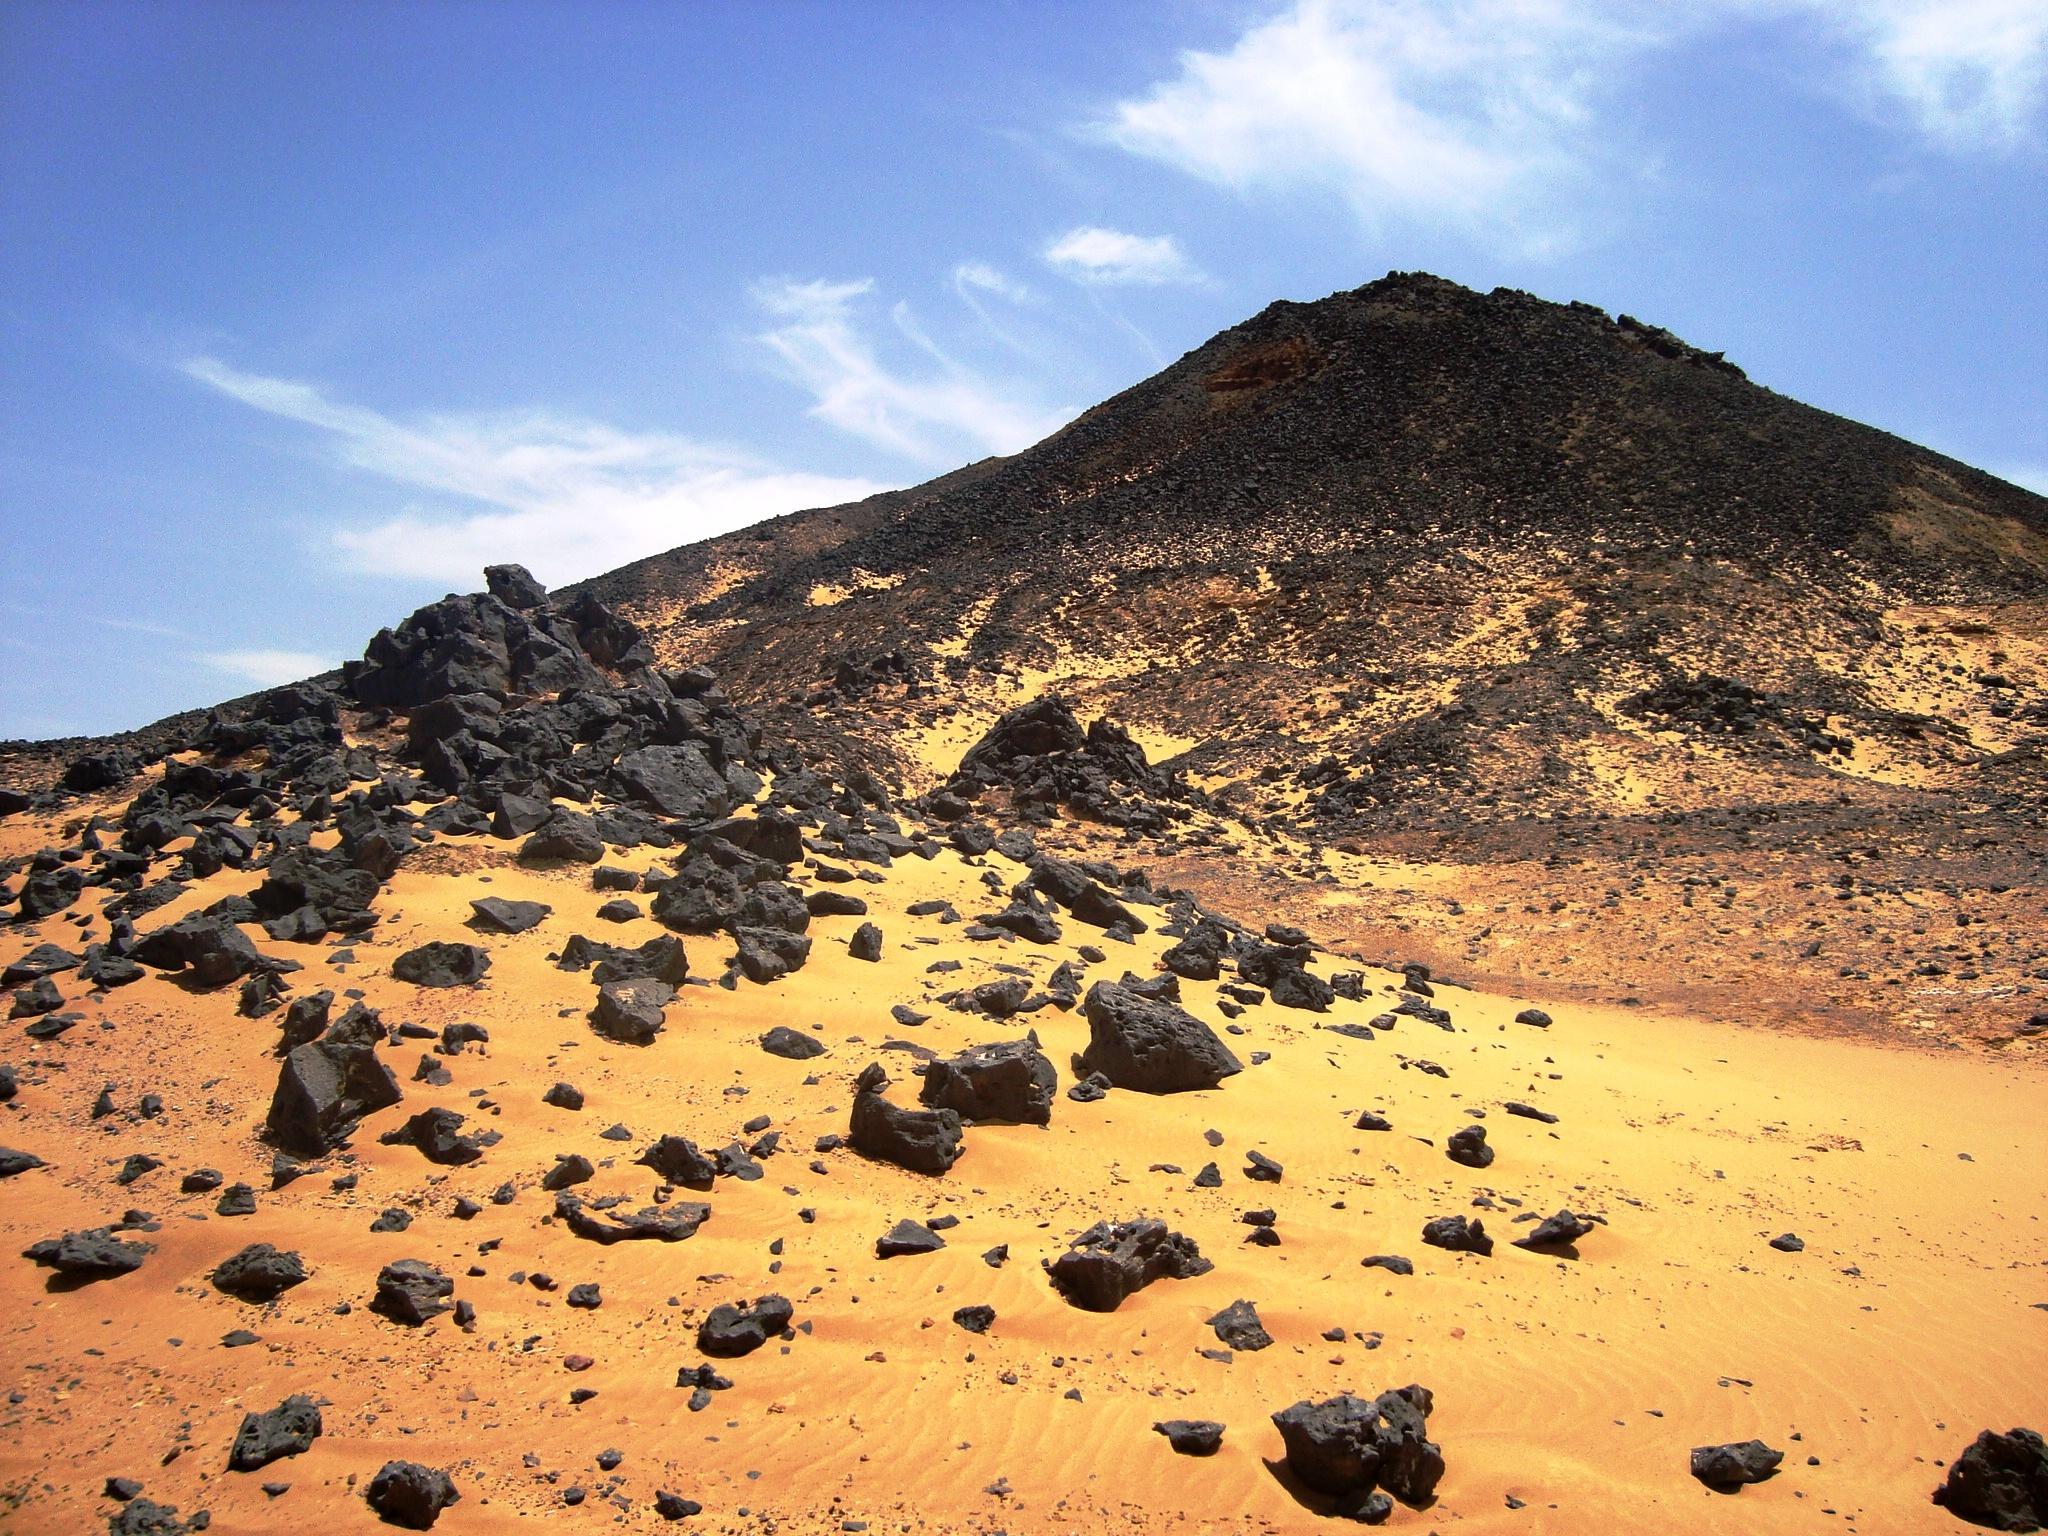 اثار الواحات البحرية سبب تسميتها الصحراء-ال�